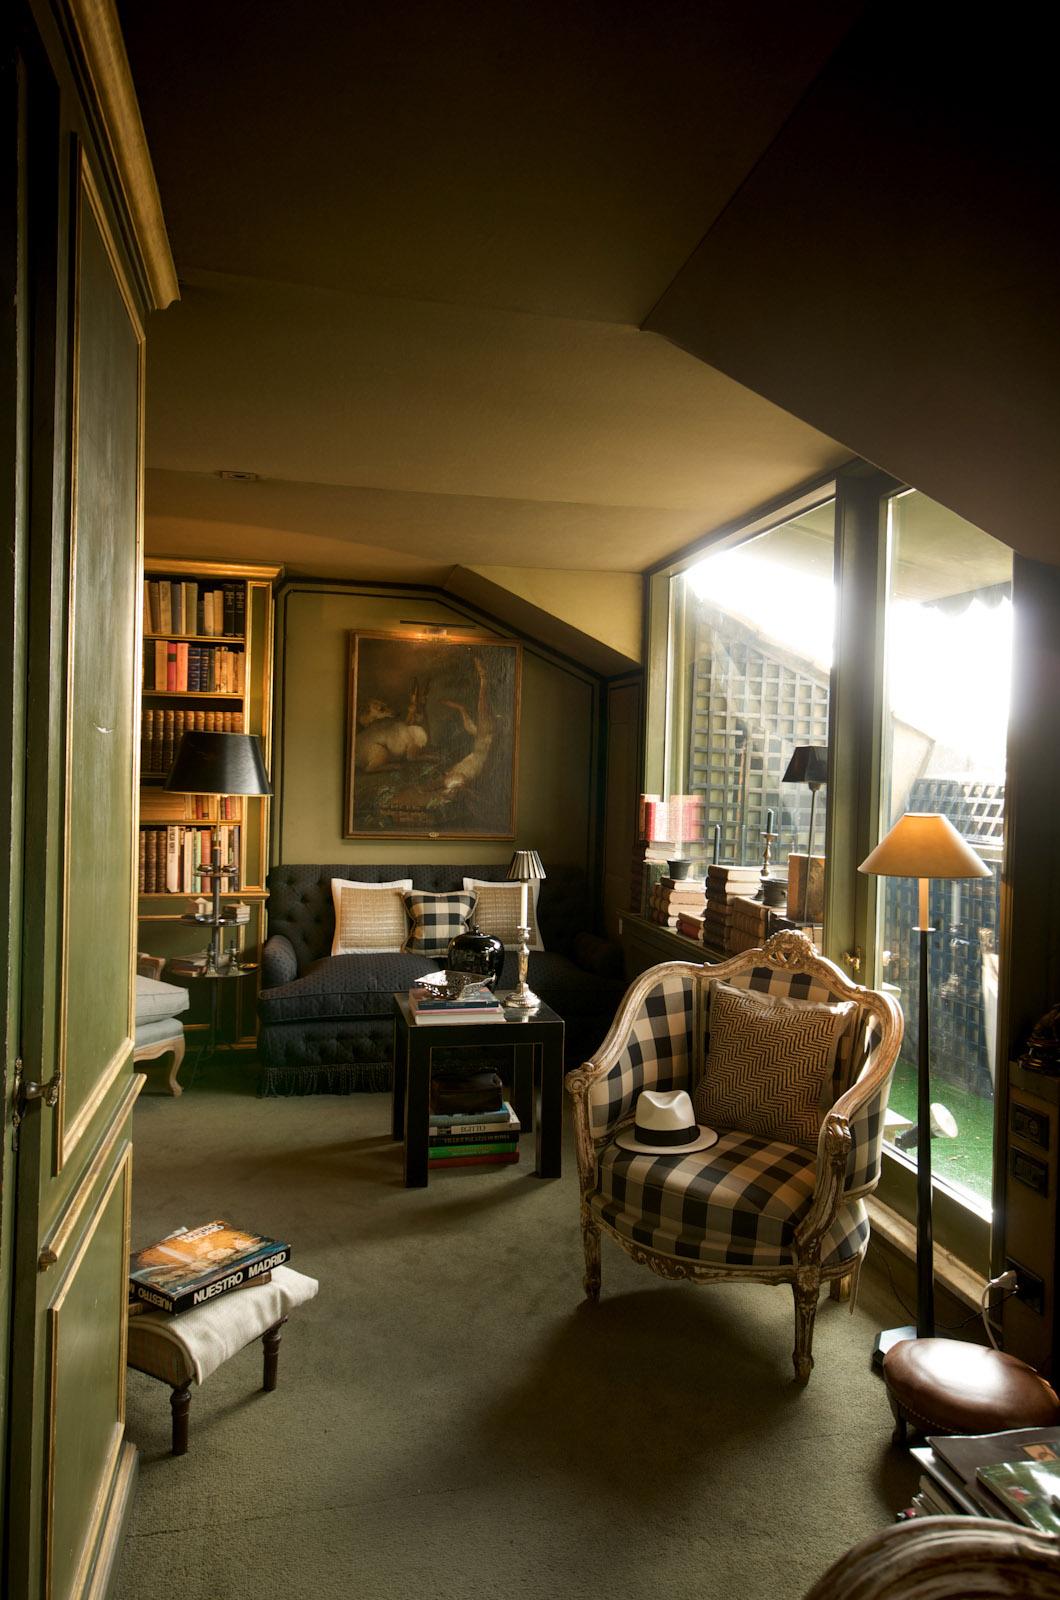 Architettura e interni andrea lisi fotografo for Interni architettura